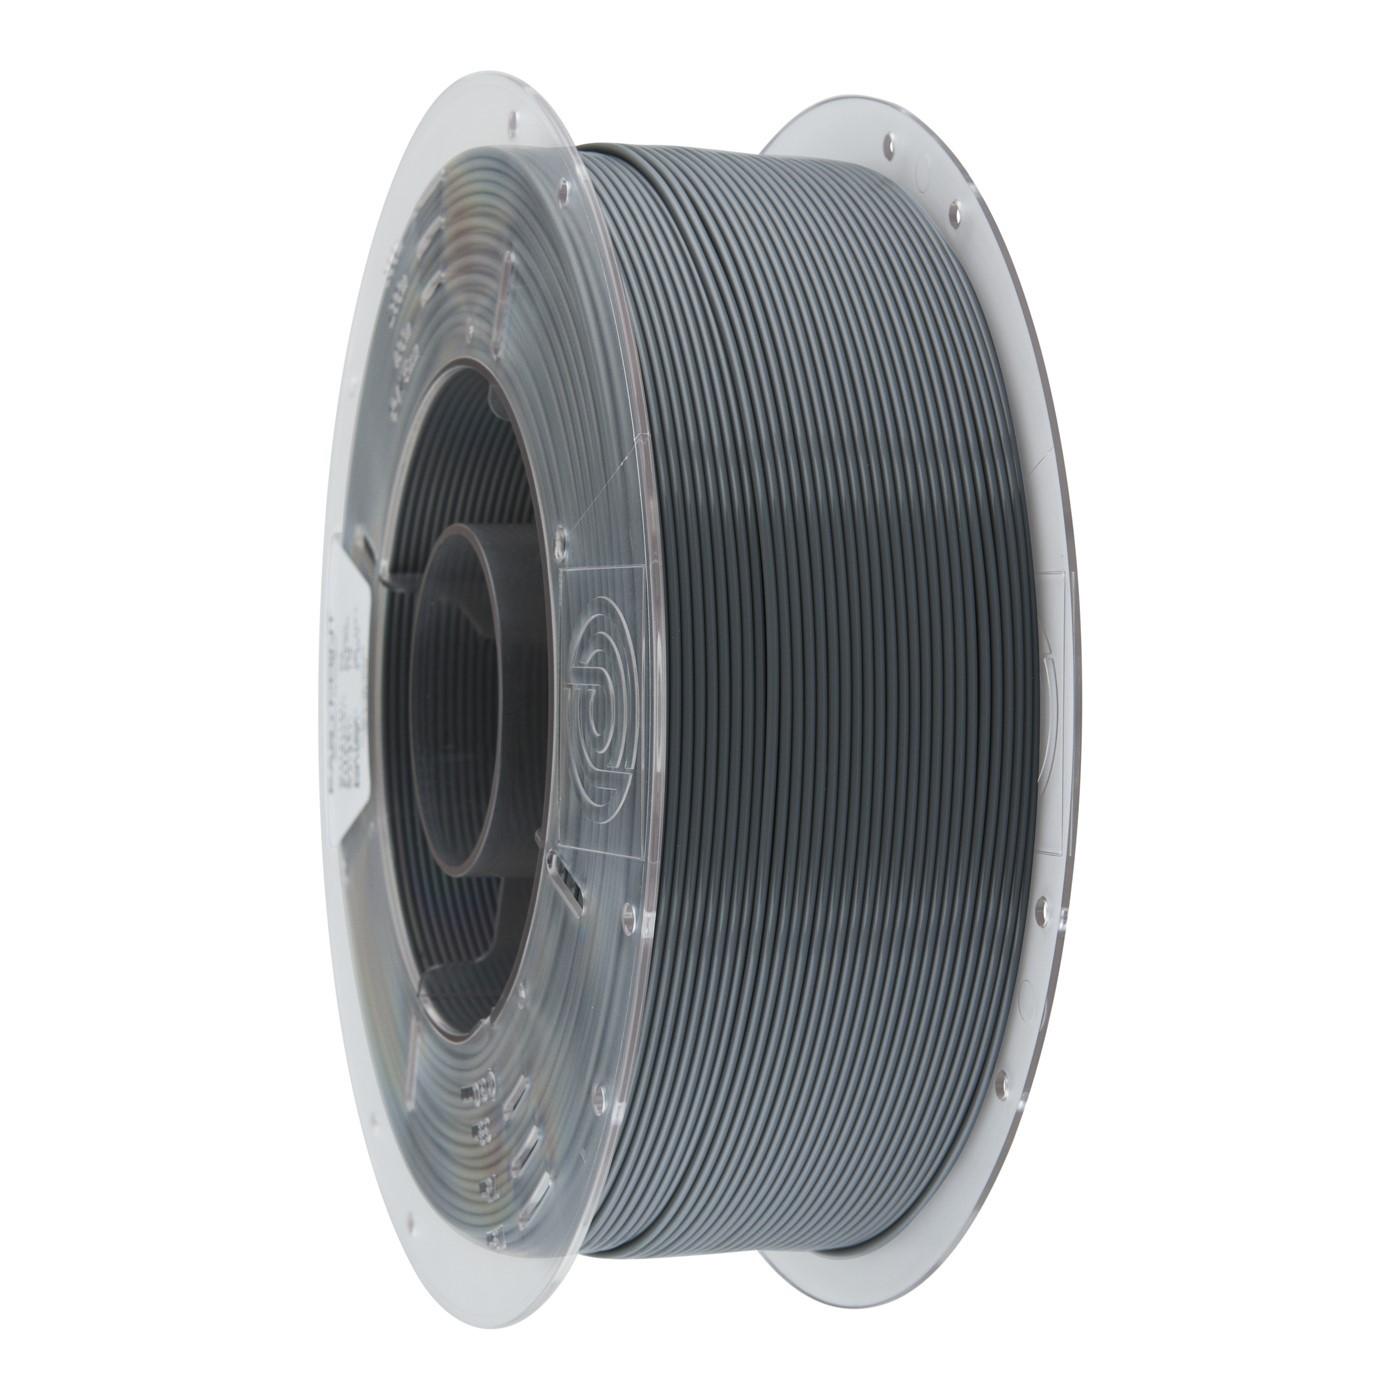 EasyPrint PLA - 1.75mm - 1 kg - Mörkgrå